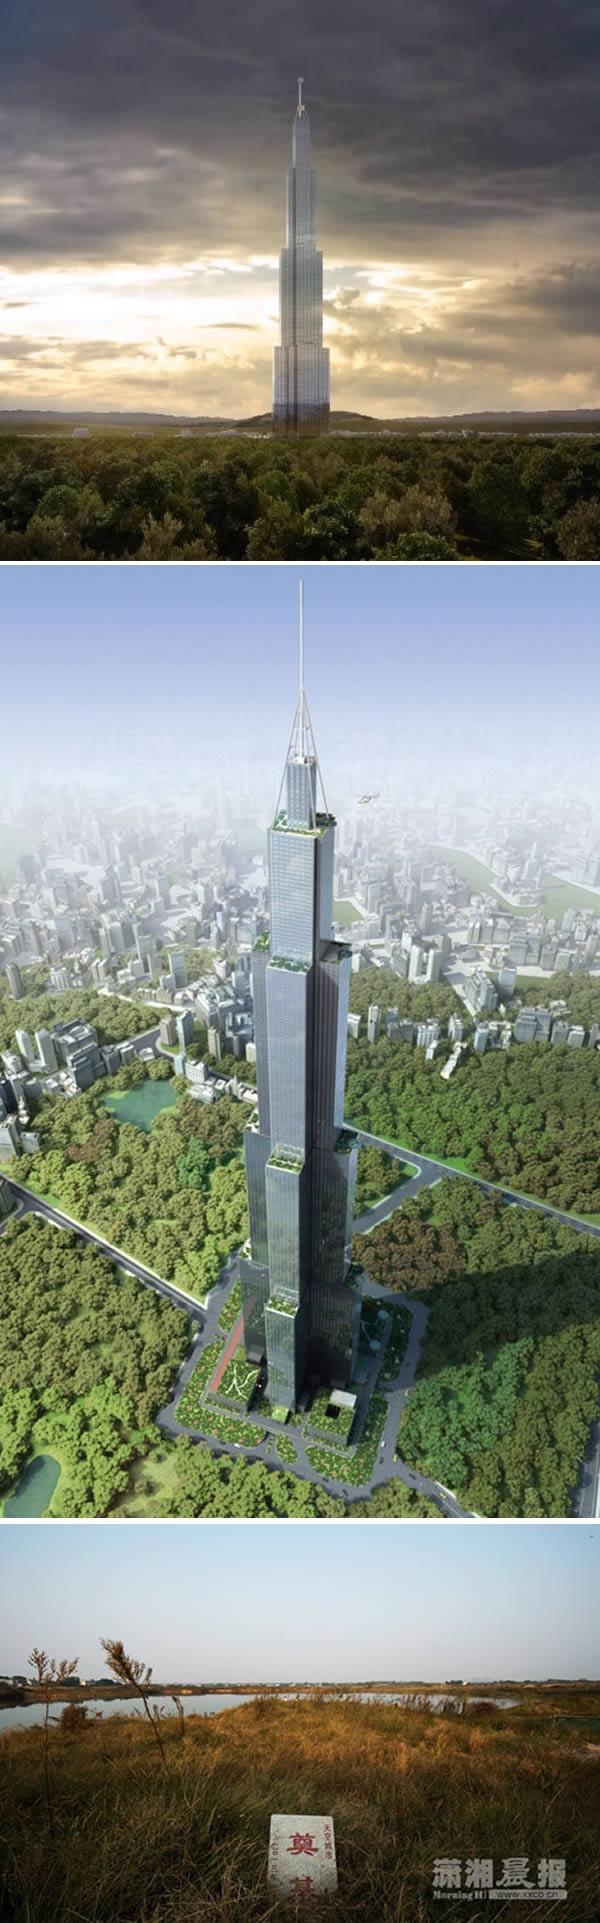 Năm 2013, BSB -một công ty con của Tập đoàn Broad, Trung Quốc – đã lên kế hoạch xây dựng tòa nhà chọc trời 838 mét trong thời gian kỉ lục 90 ngày tại Changsha. Nhưng sau khi hoàn thành được phần móng, nó đã không thể tiếp tục xây và được người dân dùng làm... chỗ nuôi cá. (Ảnh: Oddee)